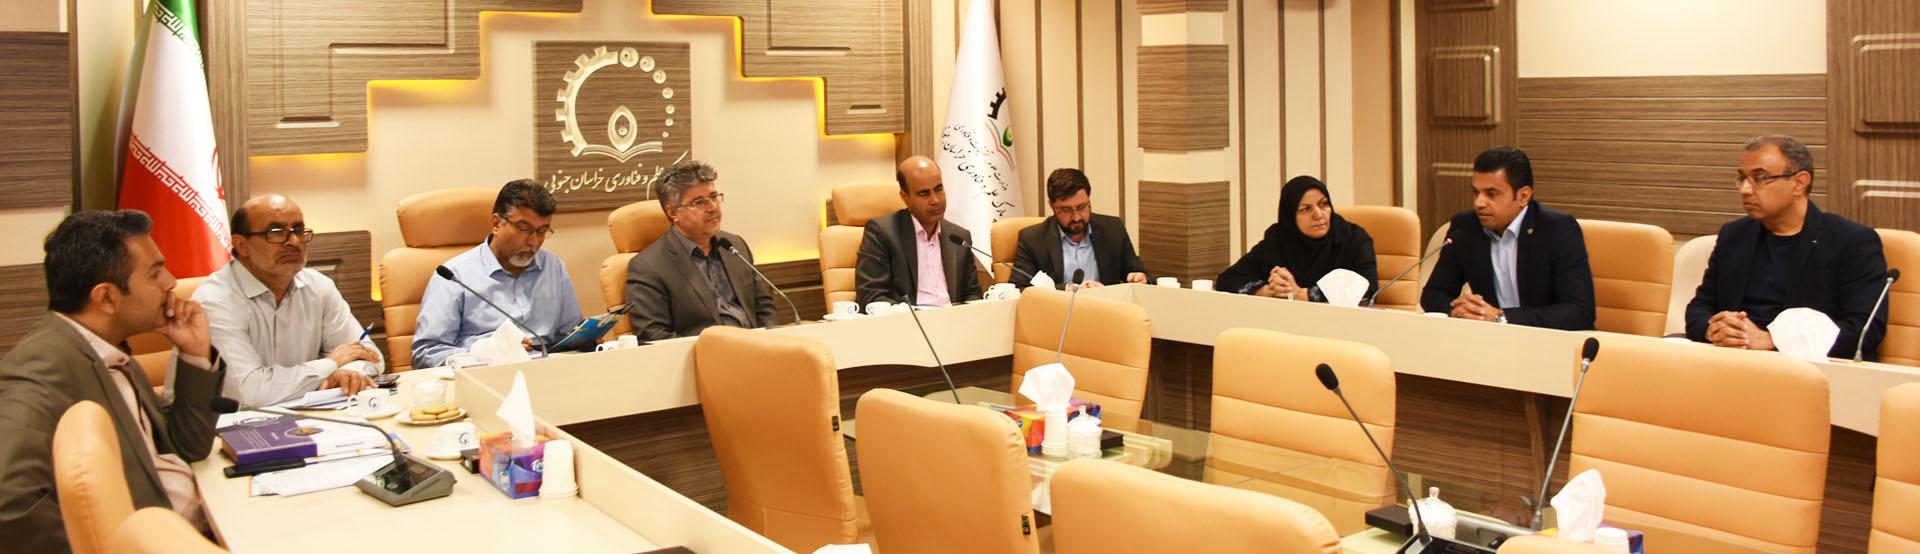 پذیرش دو مجموعه صنعتی در یازدهمین نشست شورای پارک علم و فناوری خراسان جنوبی